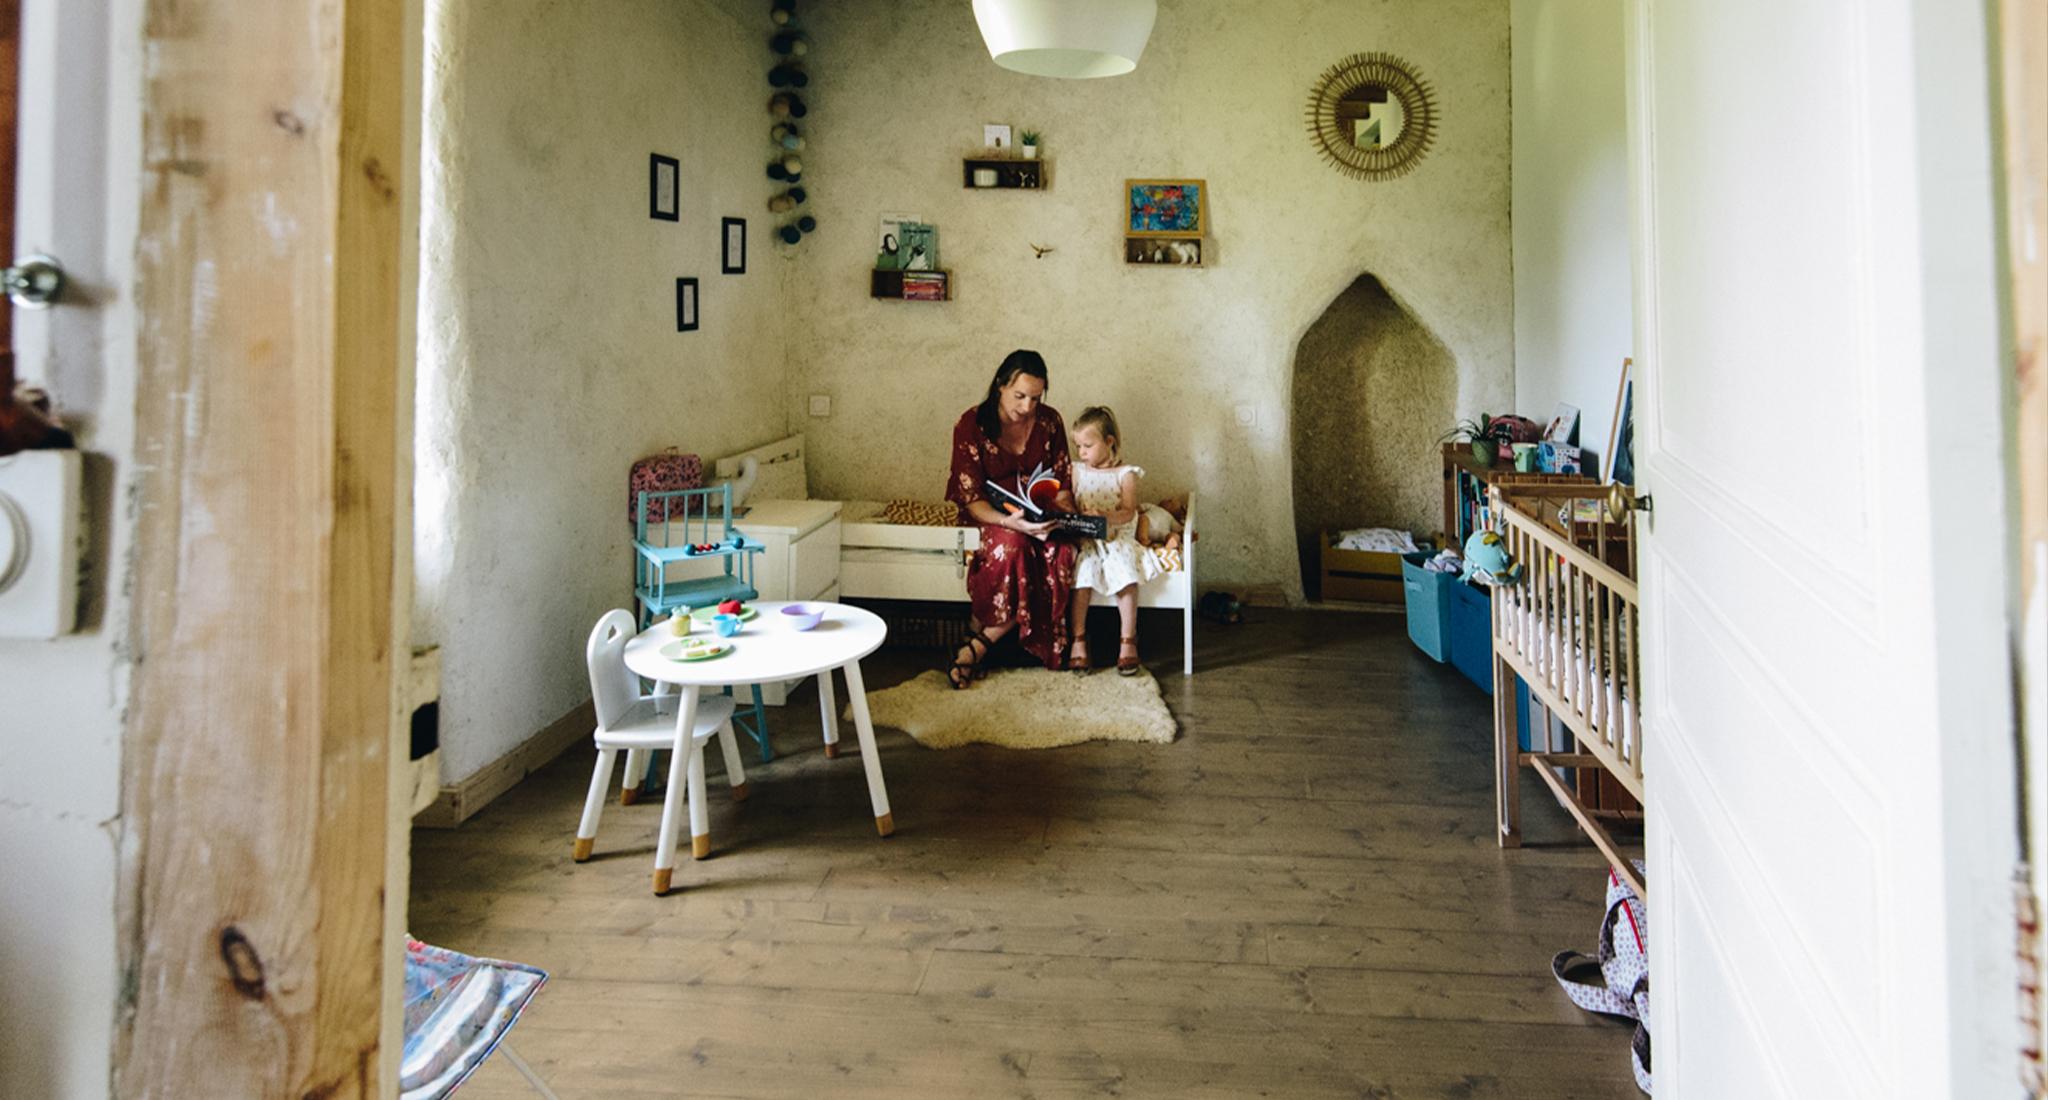 reportage a domicile, une mere lit une histoire a sa fille, frederique jouvin photographe rennes